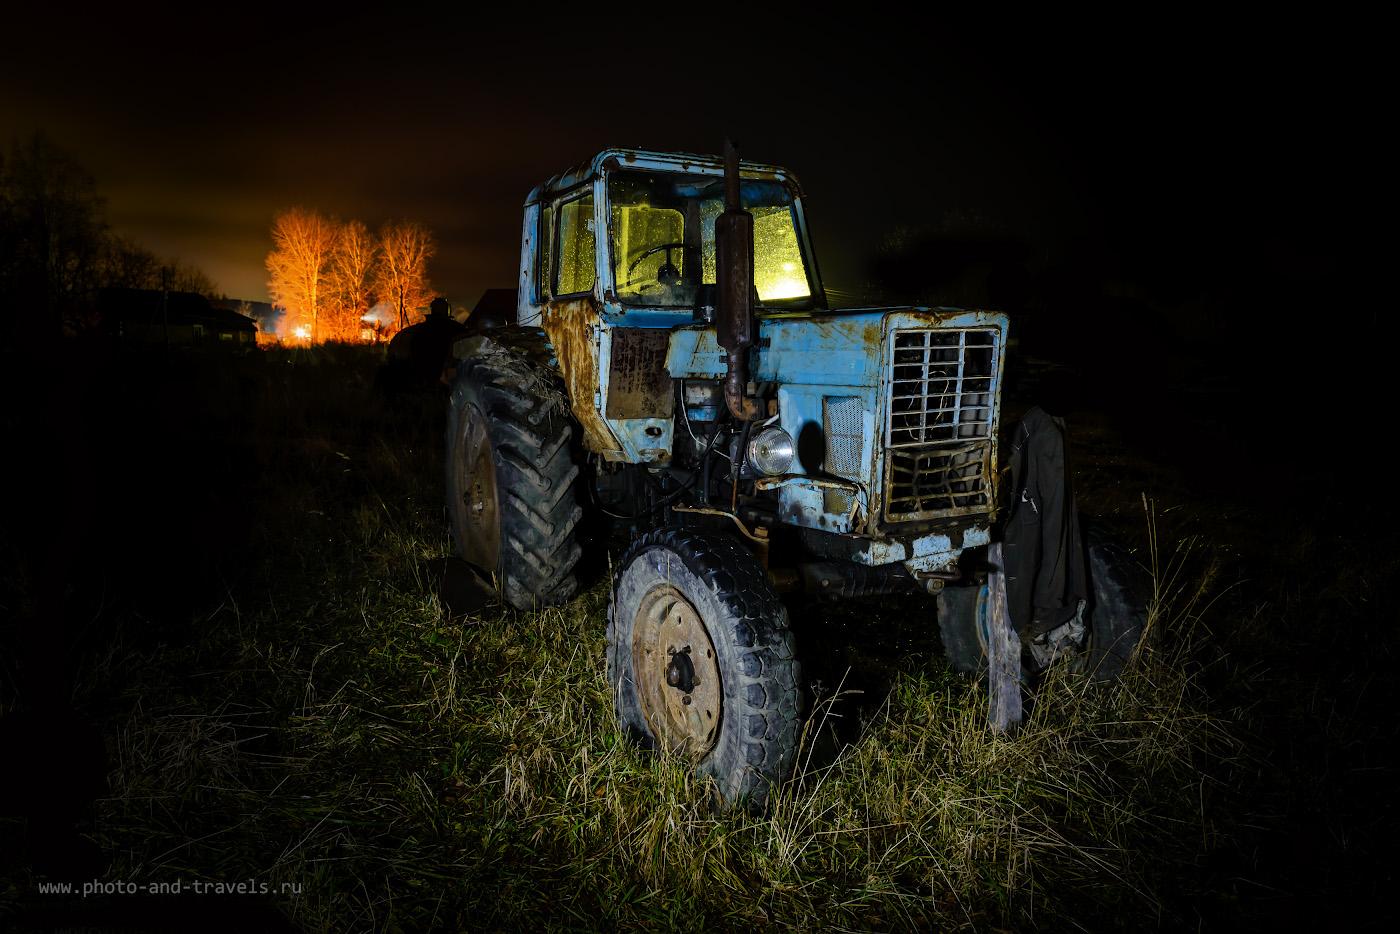 Фото 7. Старый трактор в деревне Сасыково. Как я ездил смотреть водопад Плакун в Пермском крае. 30 сек., +1.0, 8.0, 24.